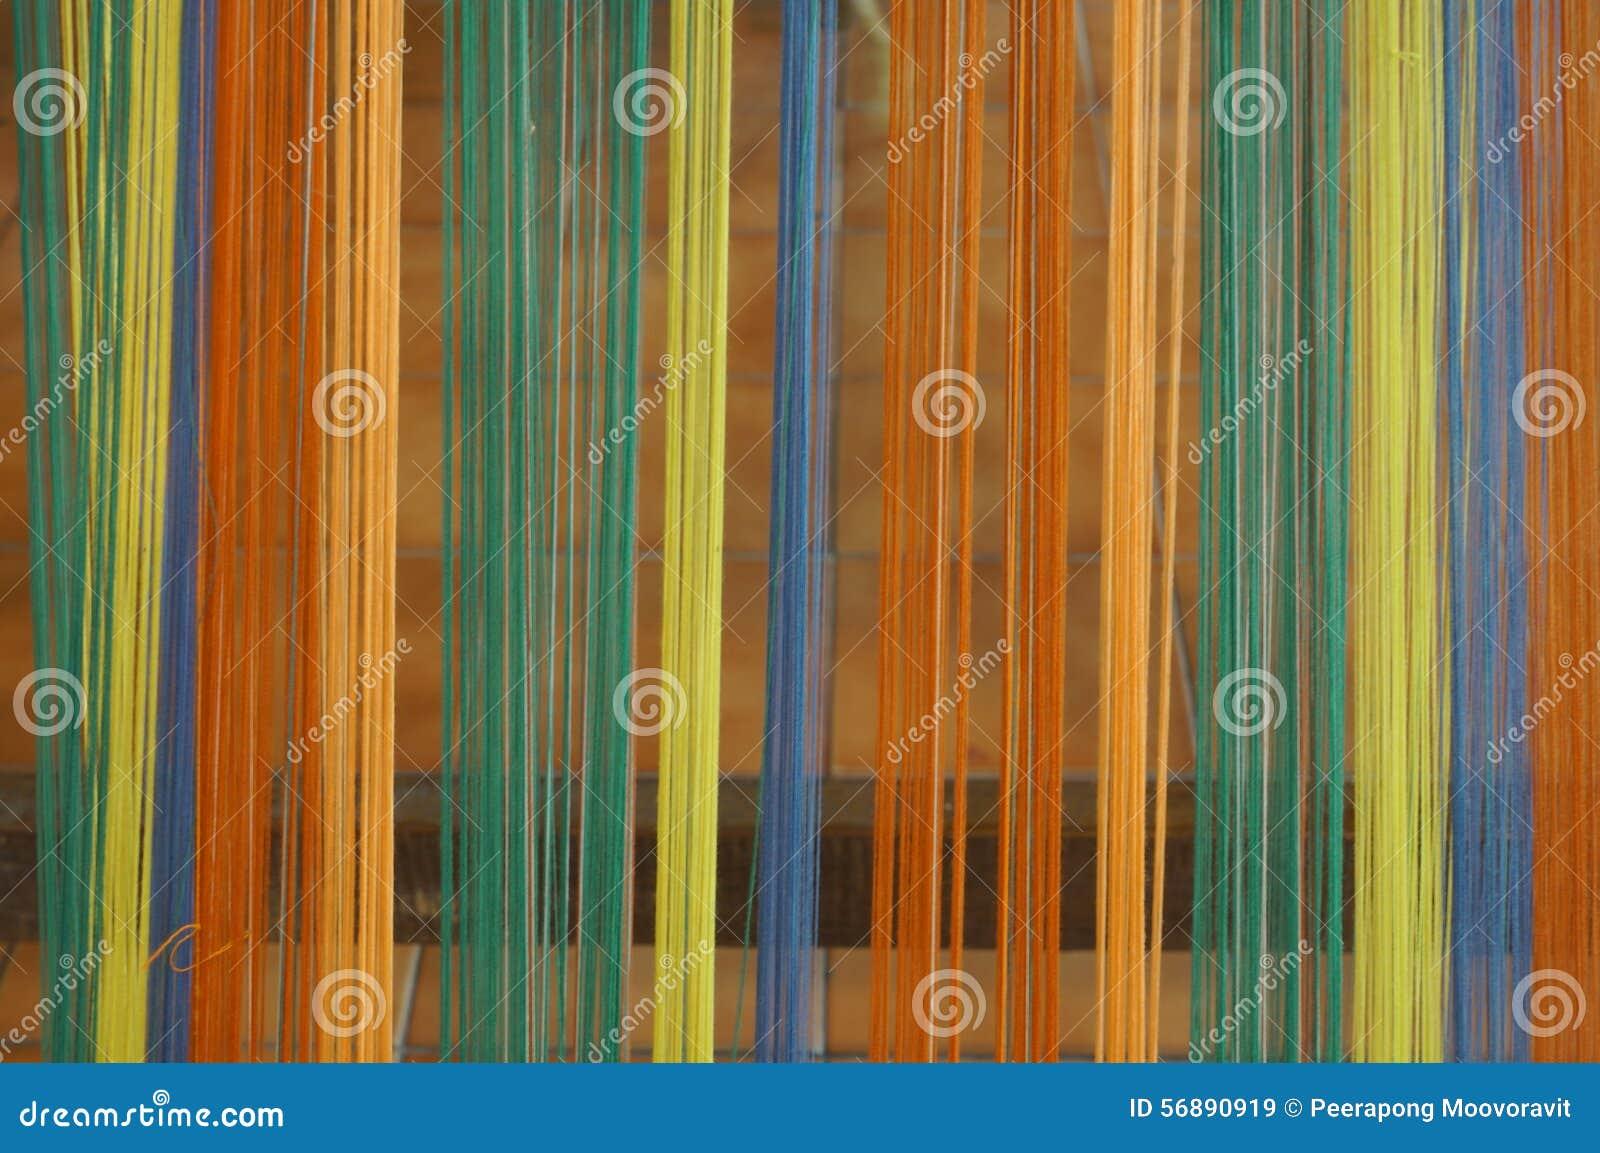 Concetto industriale di arte di tradizione dell ago fatto a mano di seta della lana